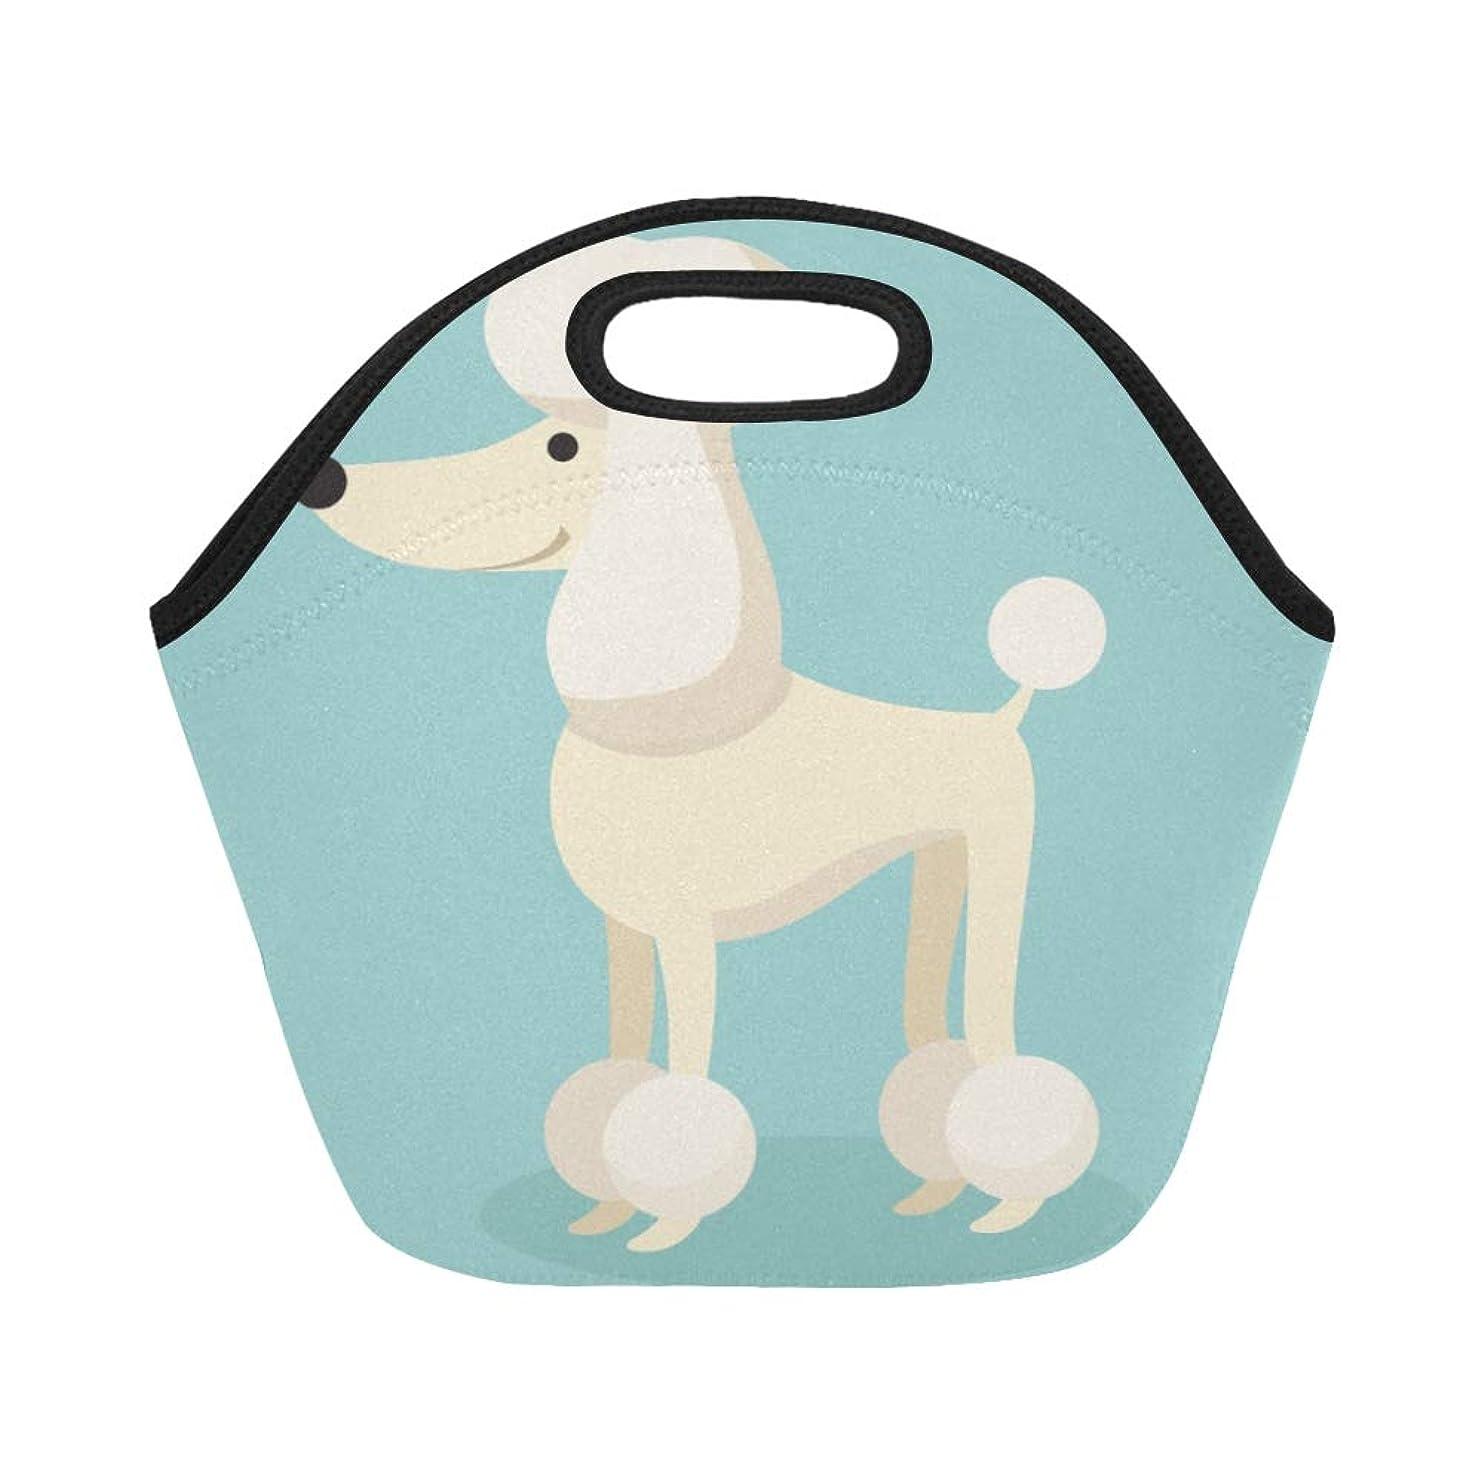 慈善劇作家治世XHQZJ ランチバッグ 面白い プードル 弁当袋 お弁当入れ 保温保冷 トート 弁当バッグ 大容量 トートバッグ